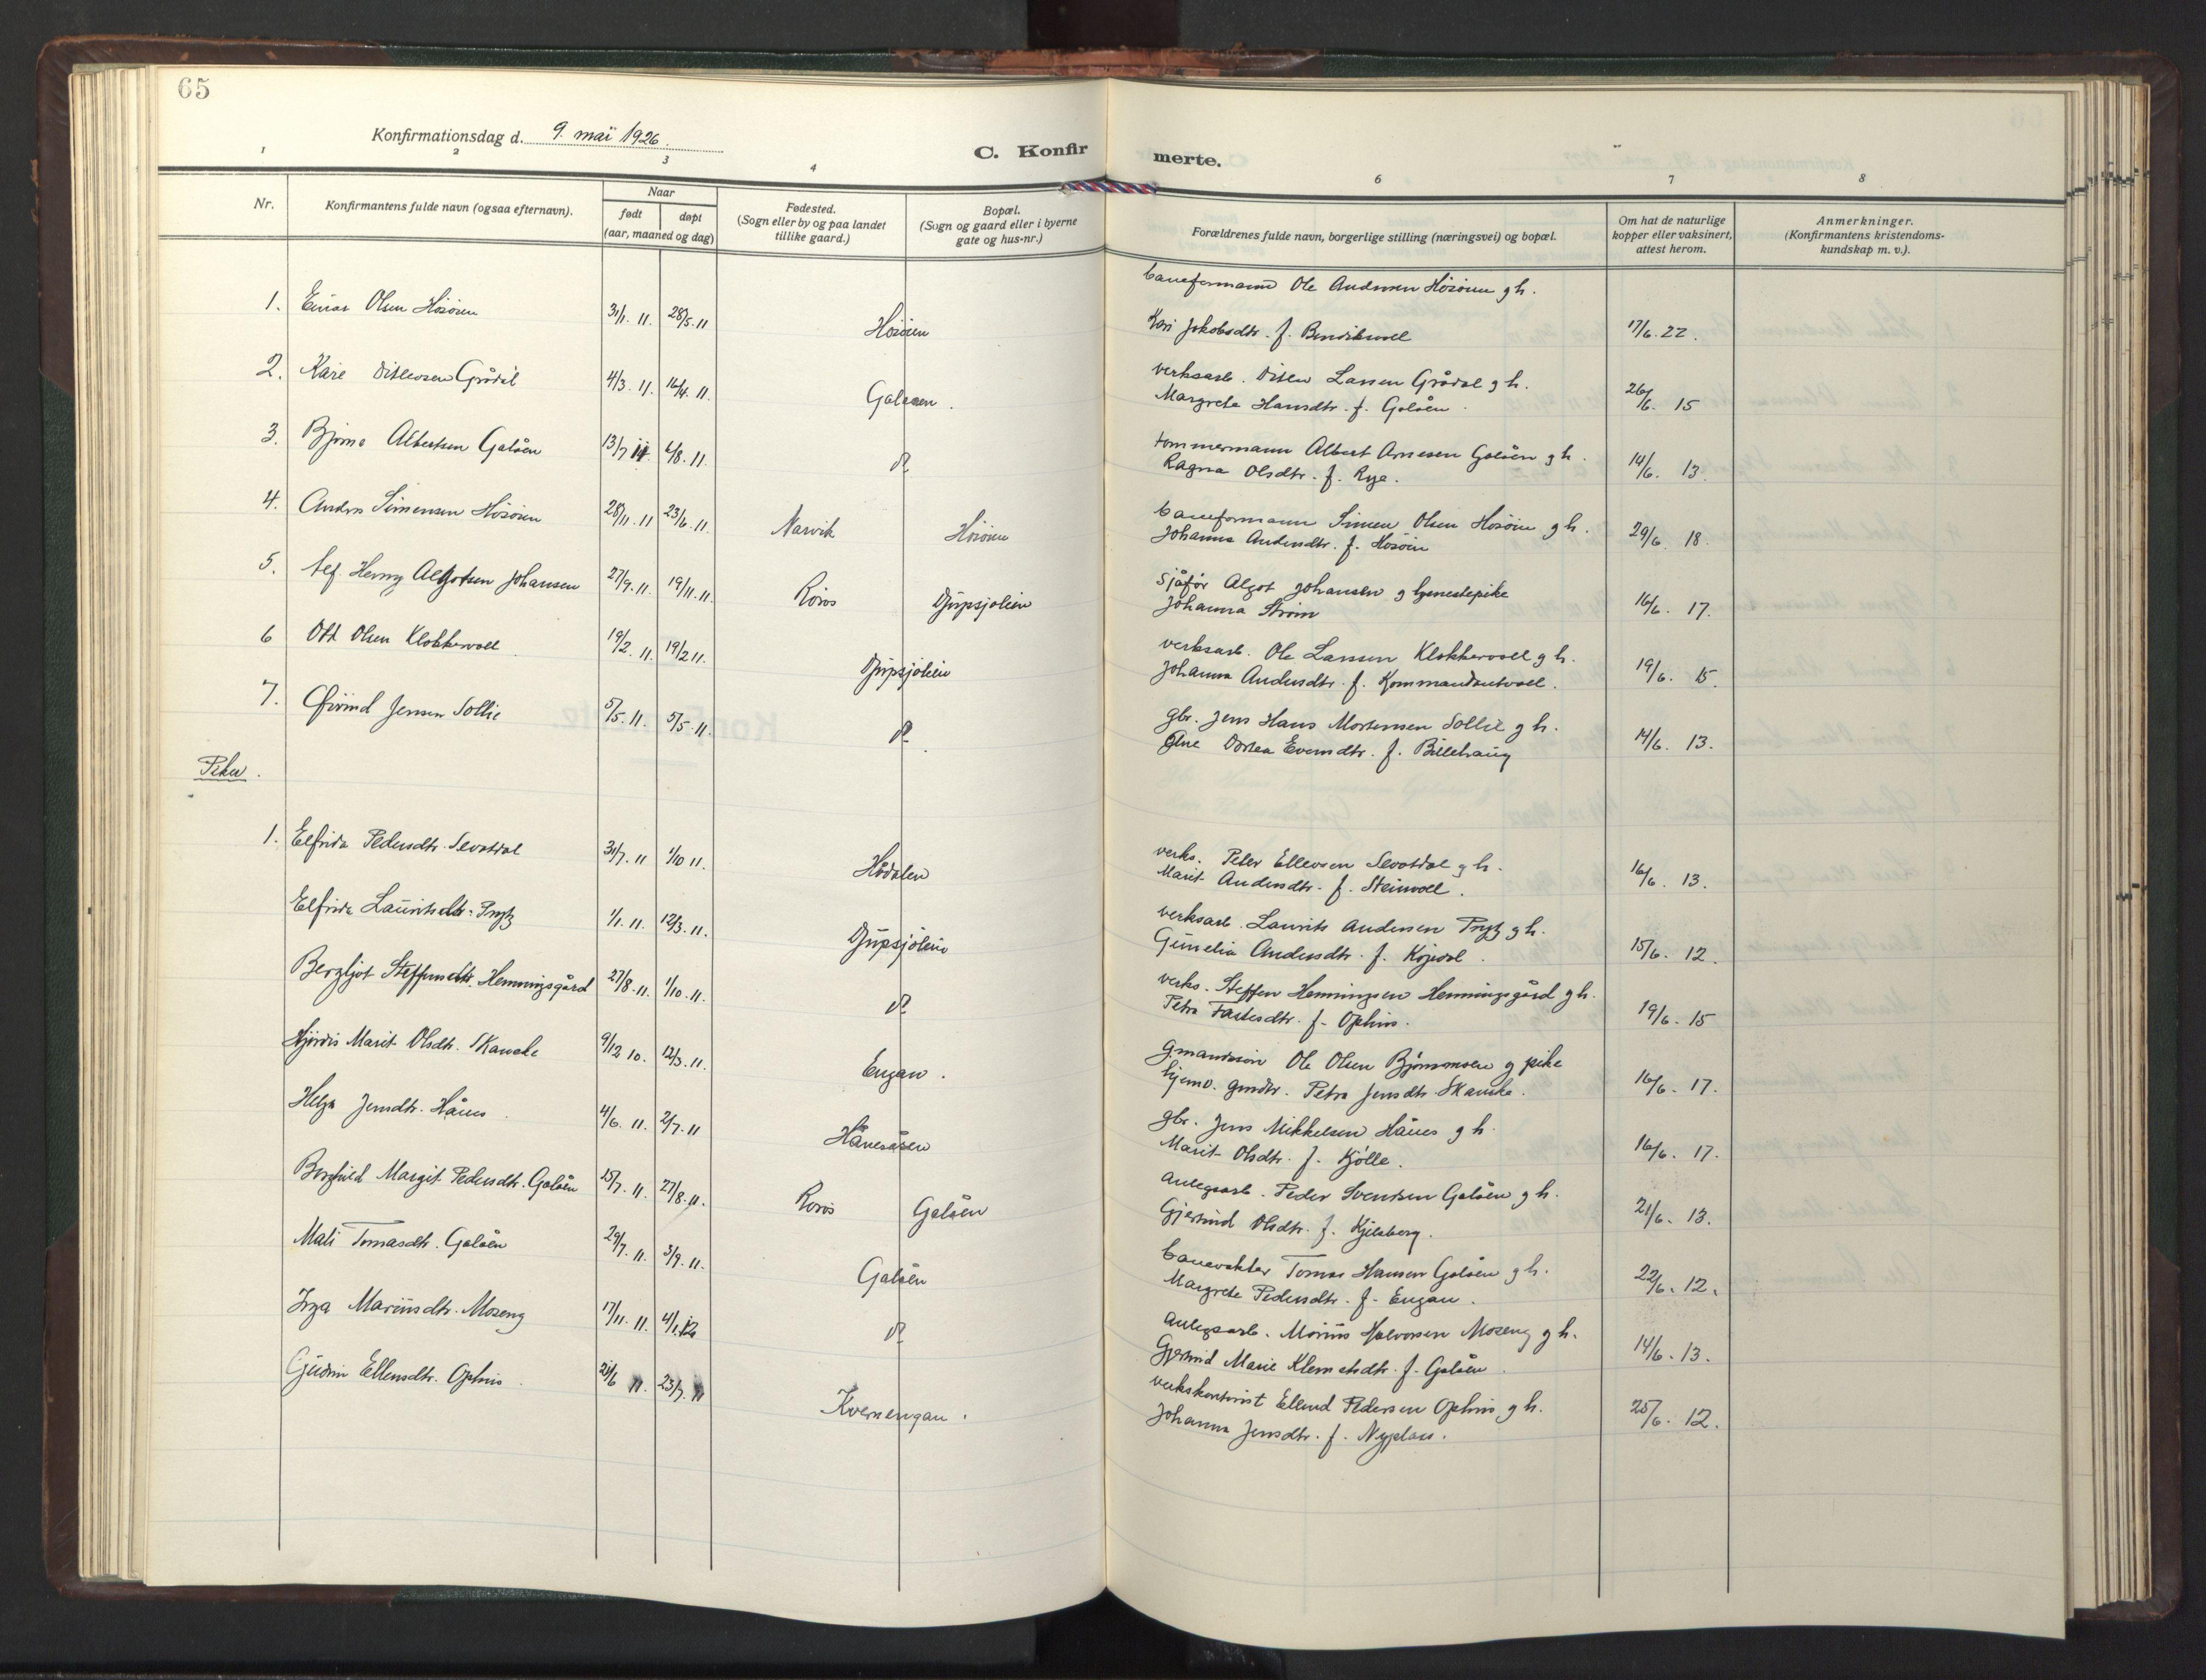 SAT, Ministerialprotokoller, klokkerbøker og fødselsregistre - Sør-Trøndelag, 681/L0944: Klokkerbok nr. 681C08, 1926-1954, s. 65